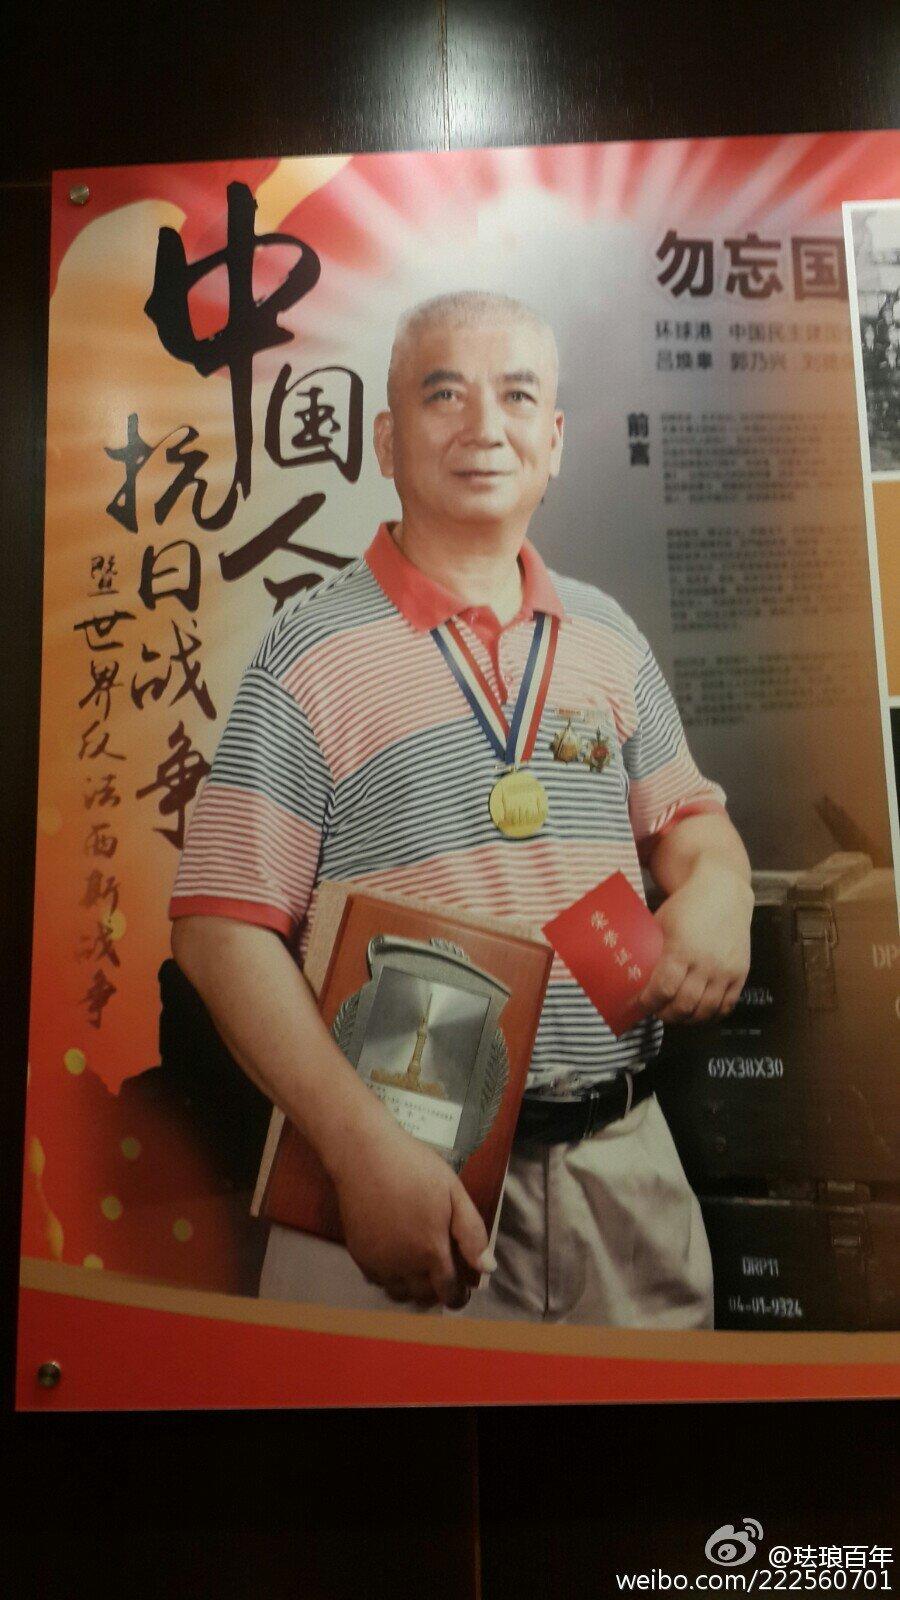 我所认识的吕焕皋先生